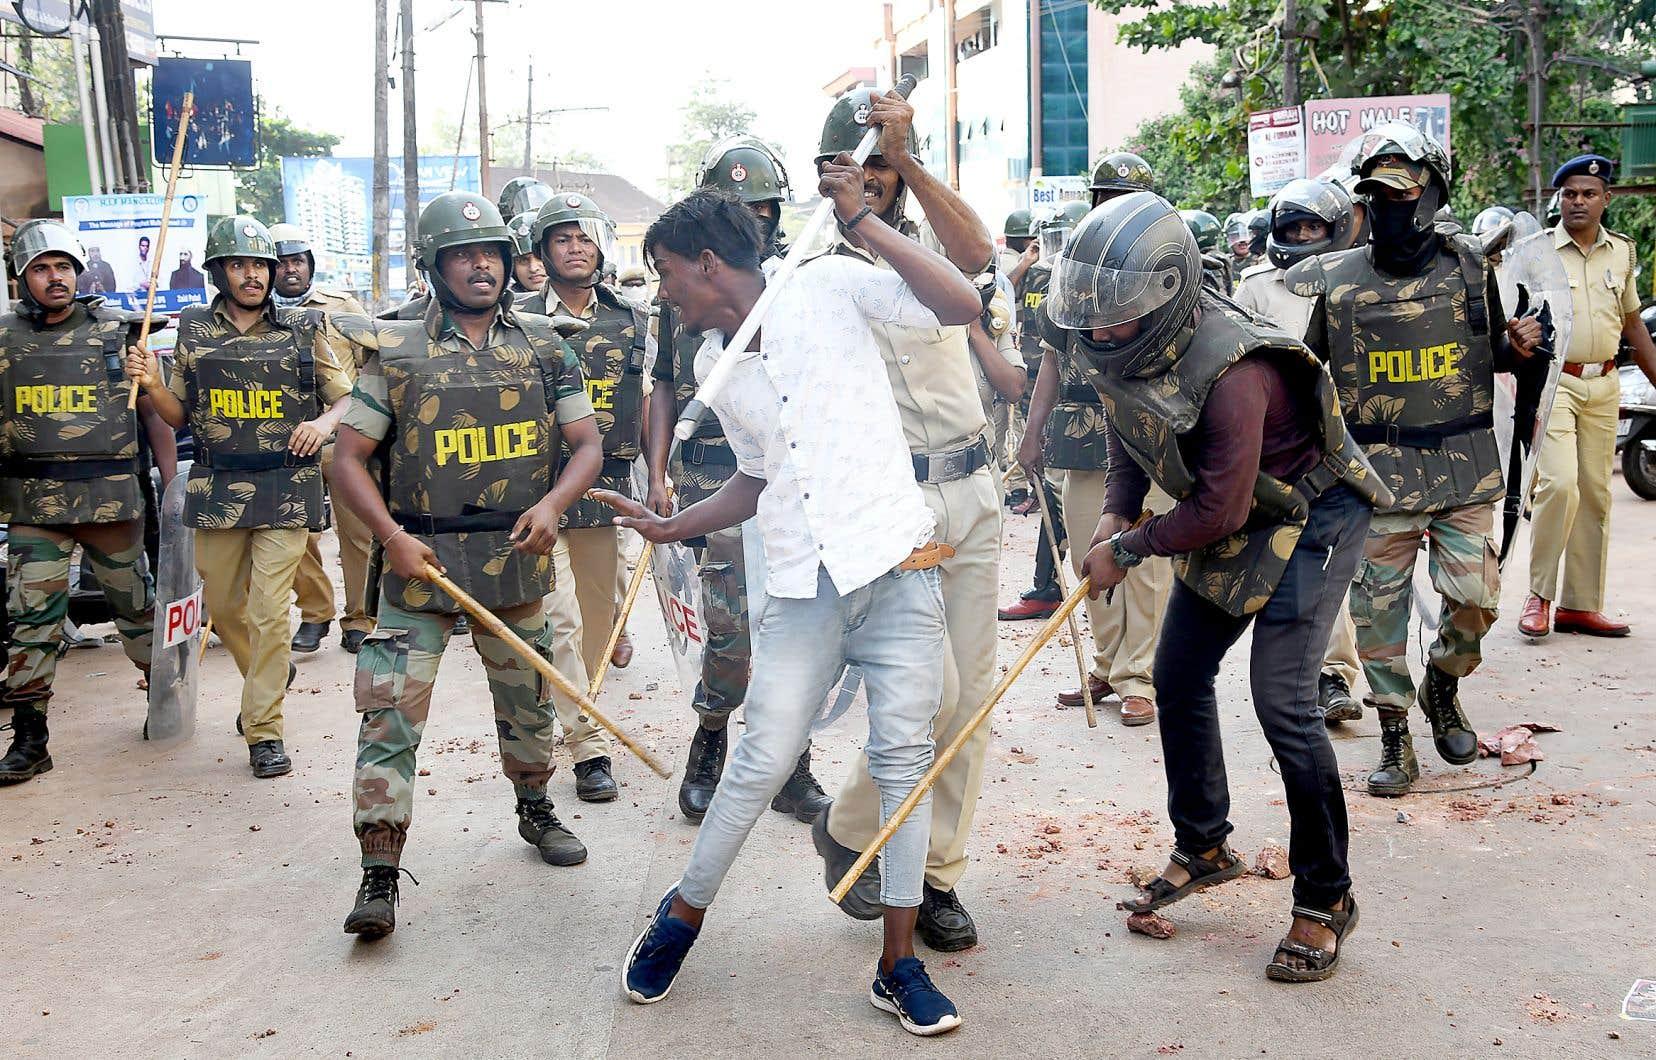 Un manifestant contre la nouvelle loi sur la citoyenneté en Inde se fait frapper par des policiers utilisant le «lathi».